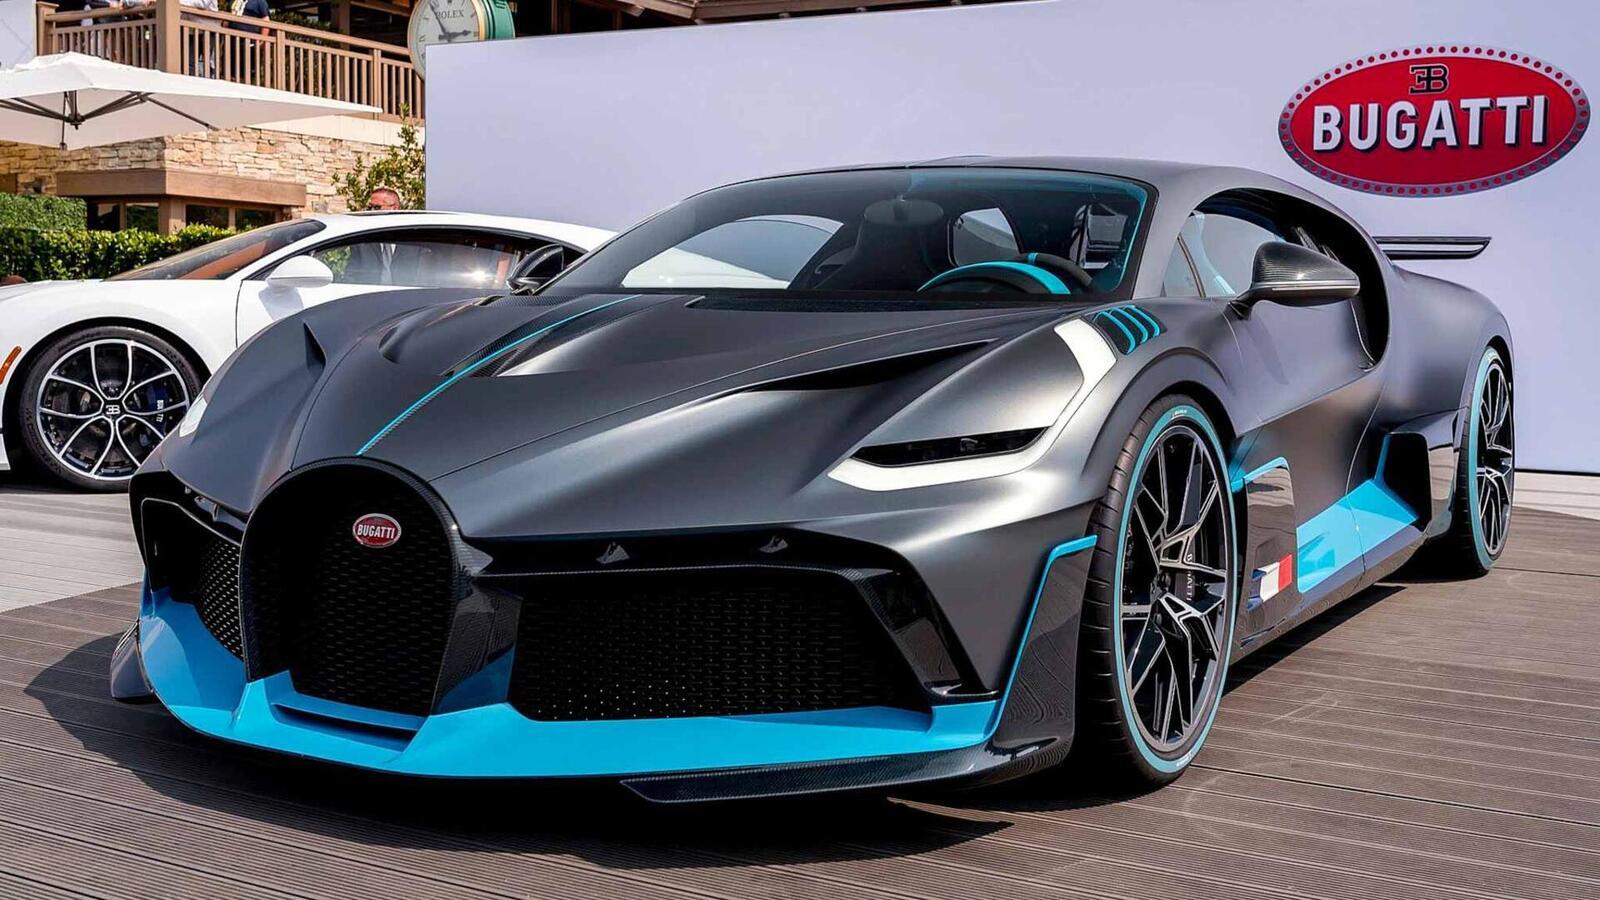 Một trong 40 chiếc Bugatti Divo đang được bán với giá 7,5 triệu USD (hơn 173 tỷ đồng) - Hình 1